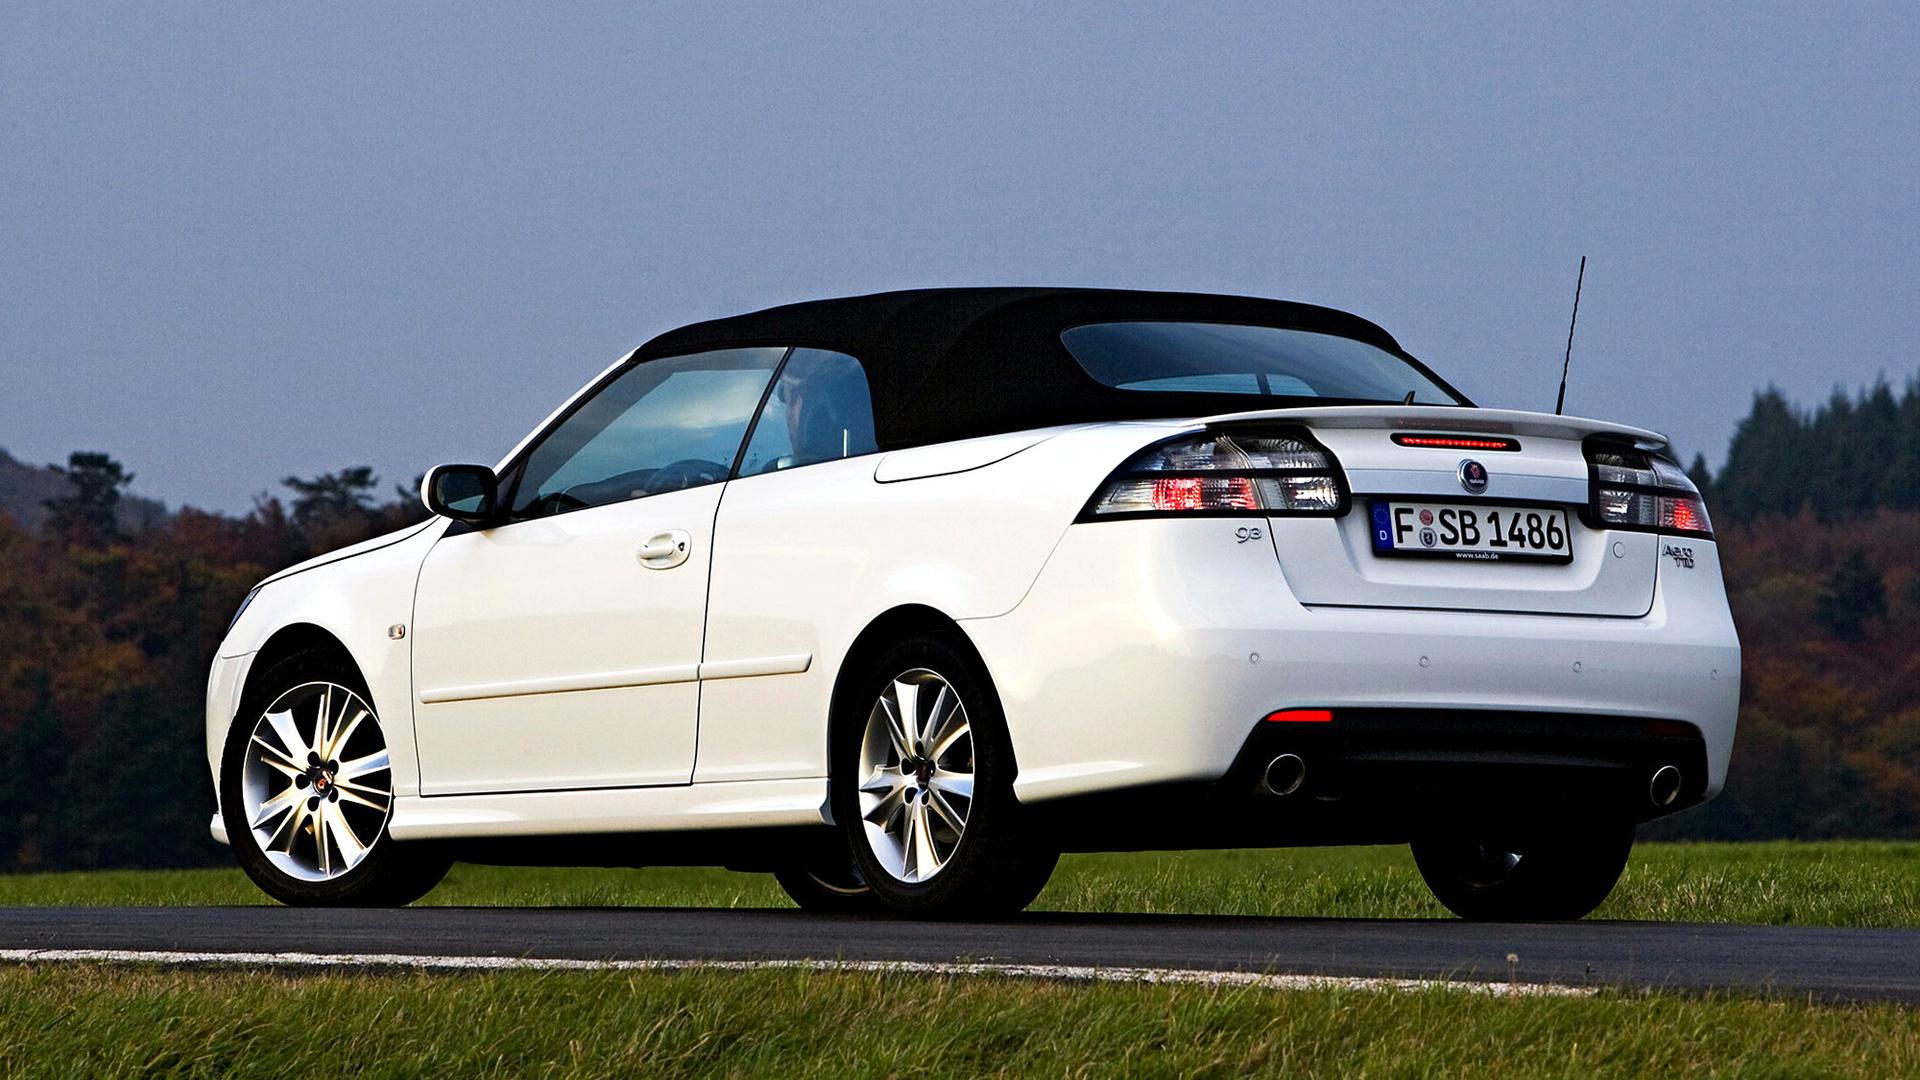 2008 Saab 9 3 Aero >> 2008 Saab 9-3 Aero Convertible - Wallpapers and HD Images | Car Pixel